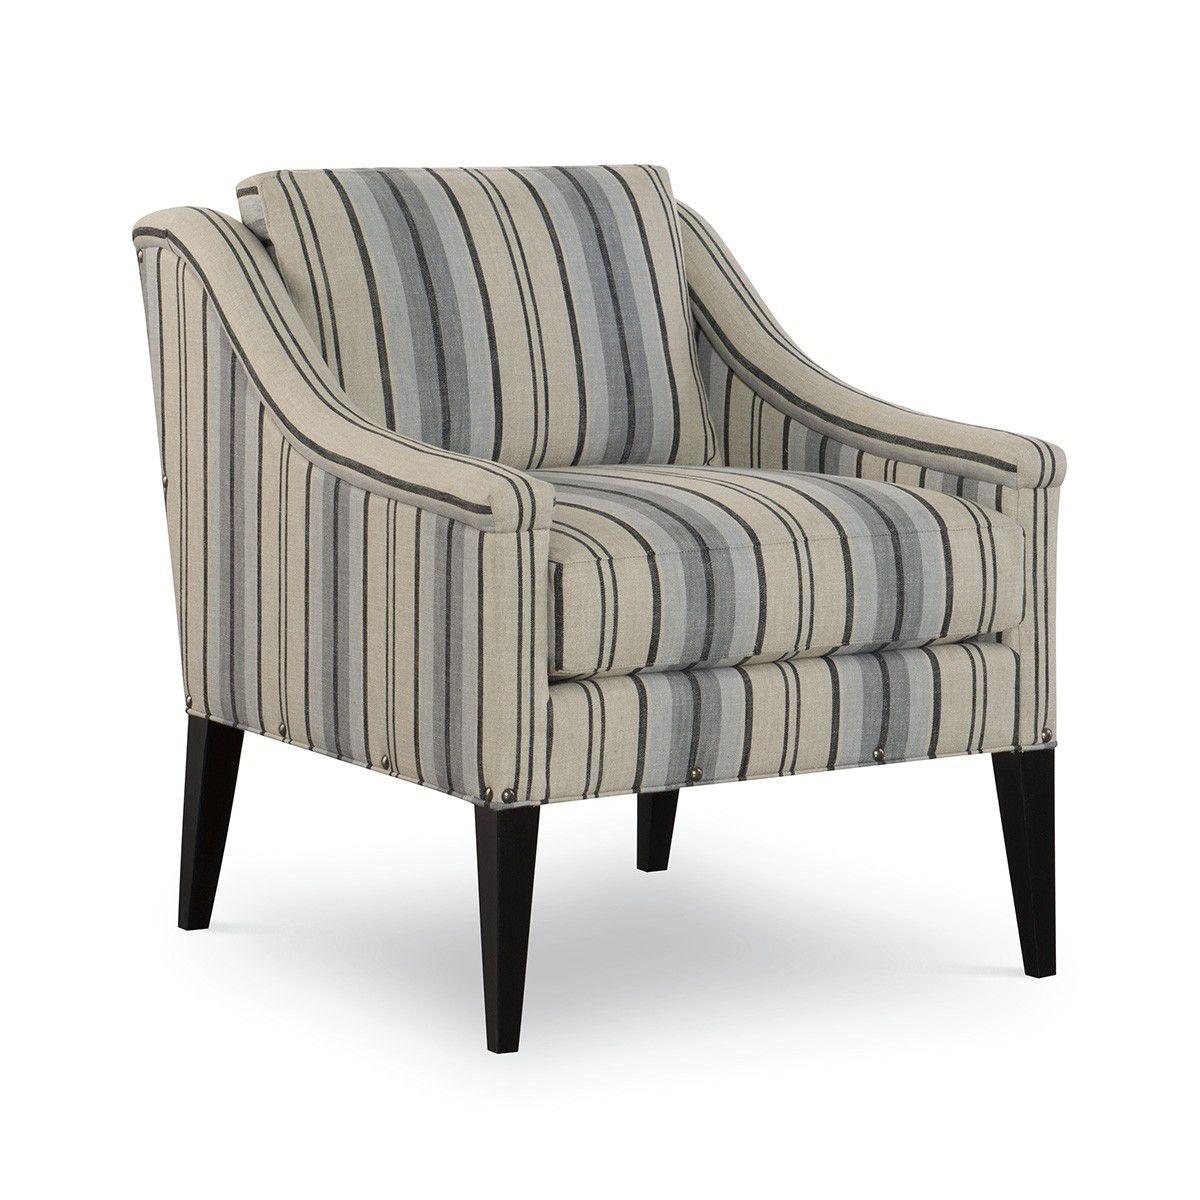 CR Laine Hoffman Chair 215 05